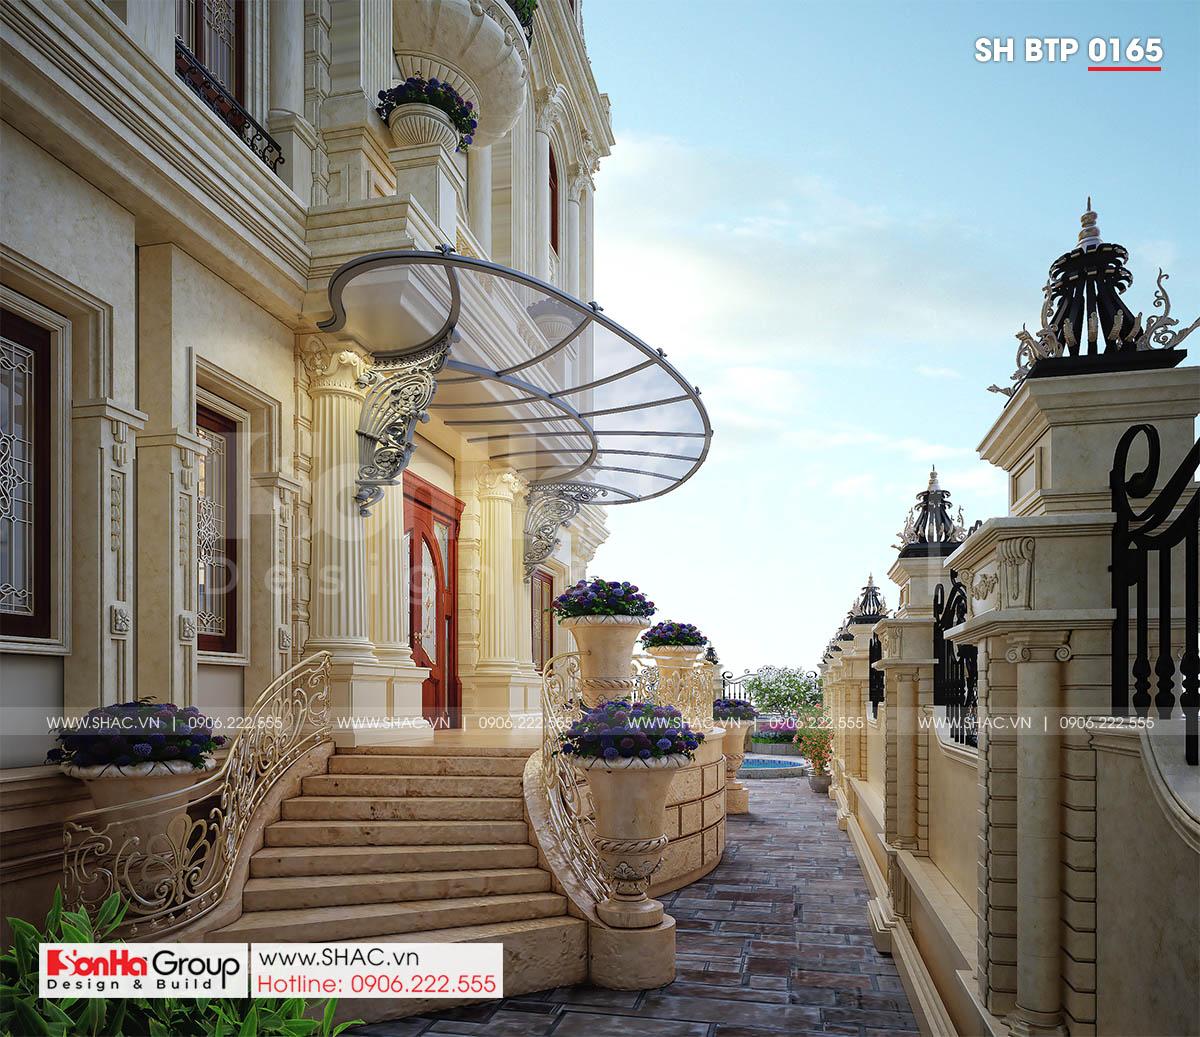 Sân vườn trong biệt thự tân cổ điển đẹp 4 tầng tại Đà Nẵng